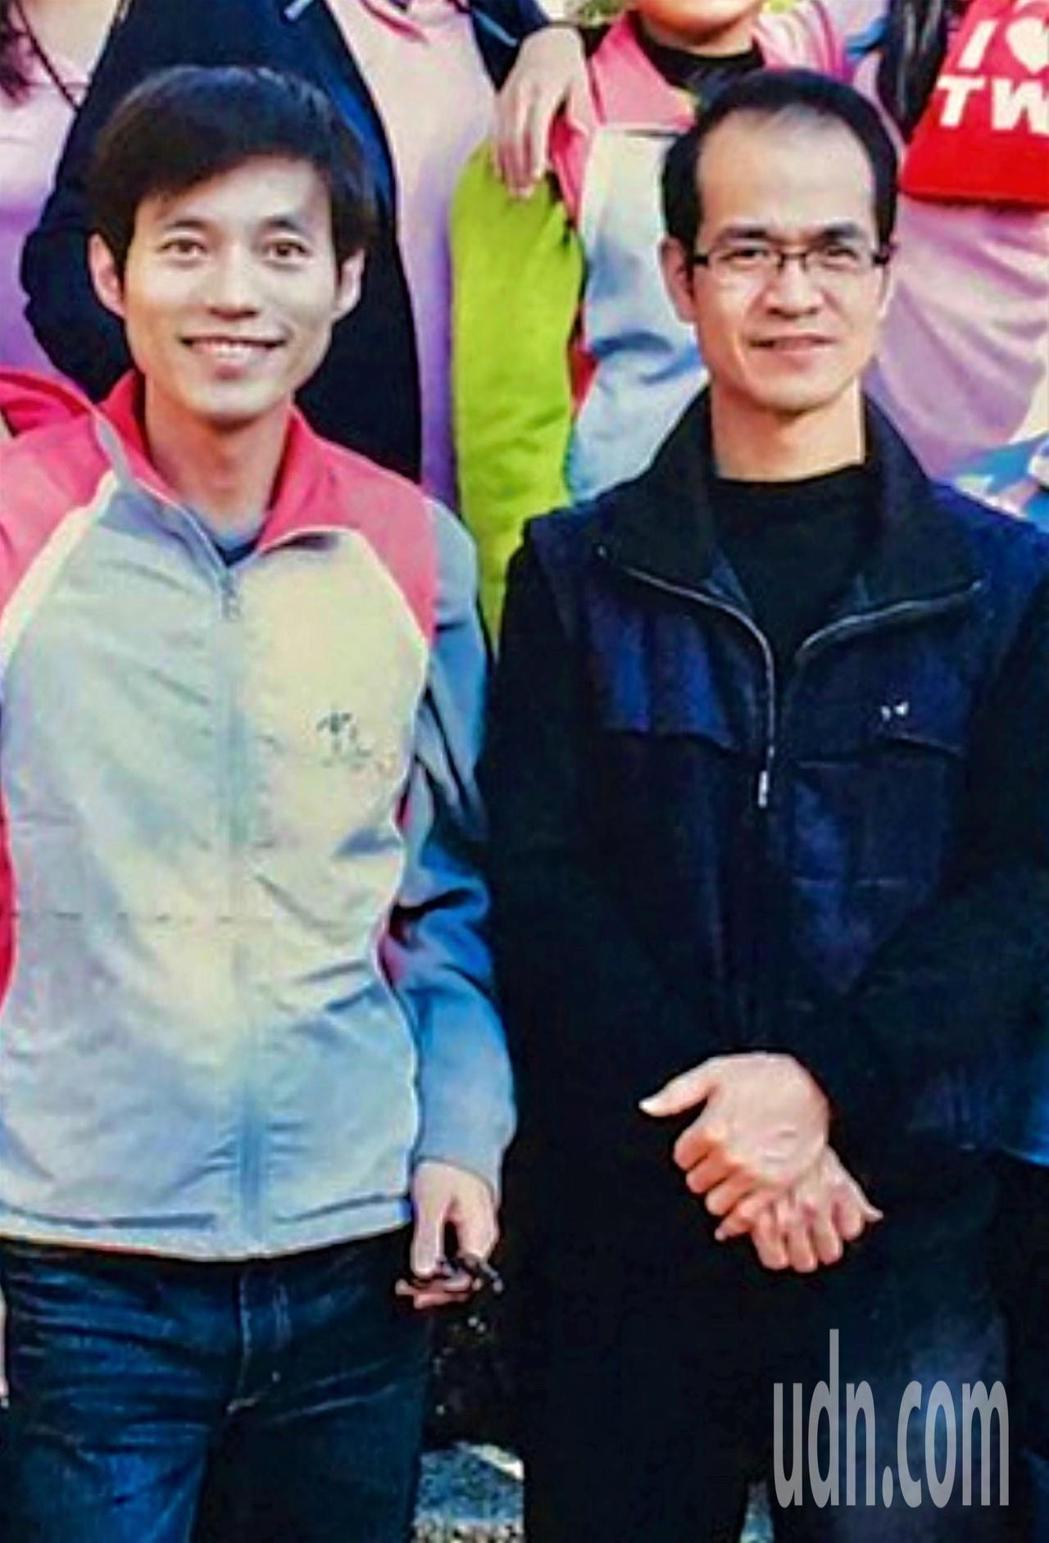 數位圖文傳播科技班職訓師郭啟禎(右)肯定郭糧源(左)訓後表現。圖/ 雲嘉南分署提...